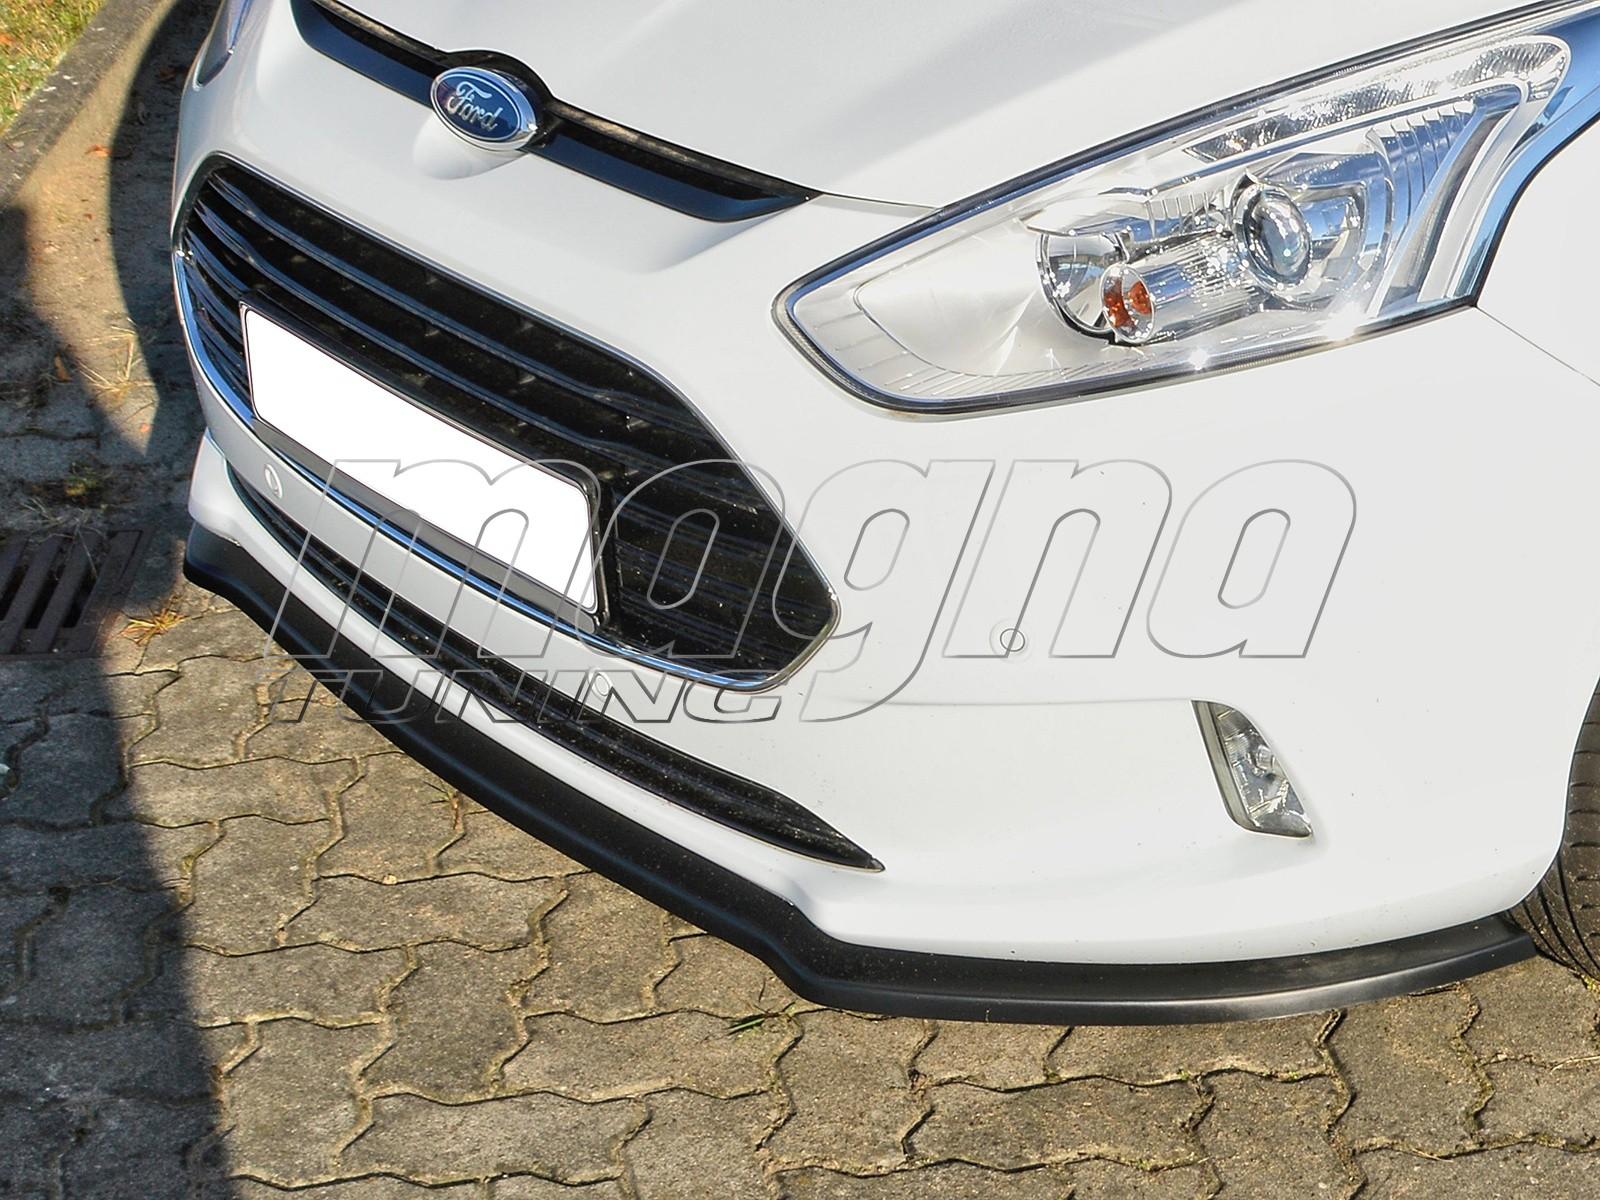 Ford B-Max Intenso Frontansatz